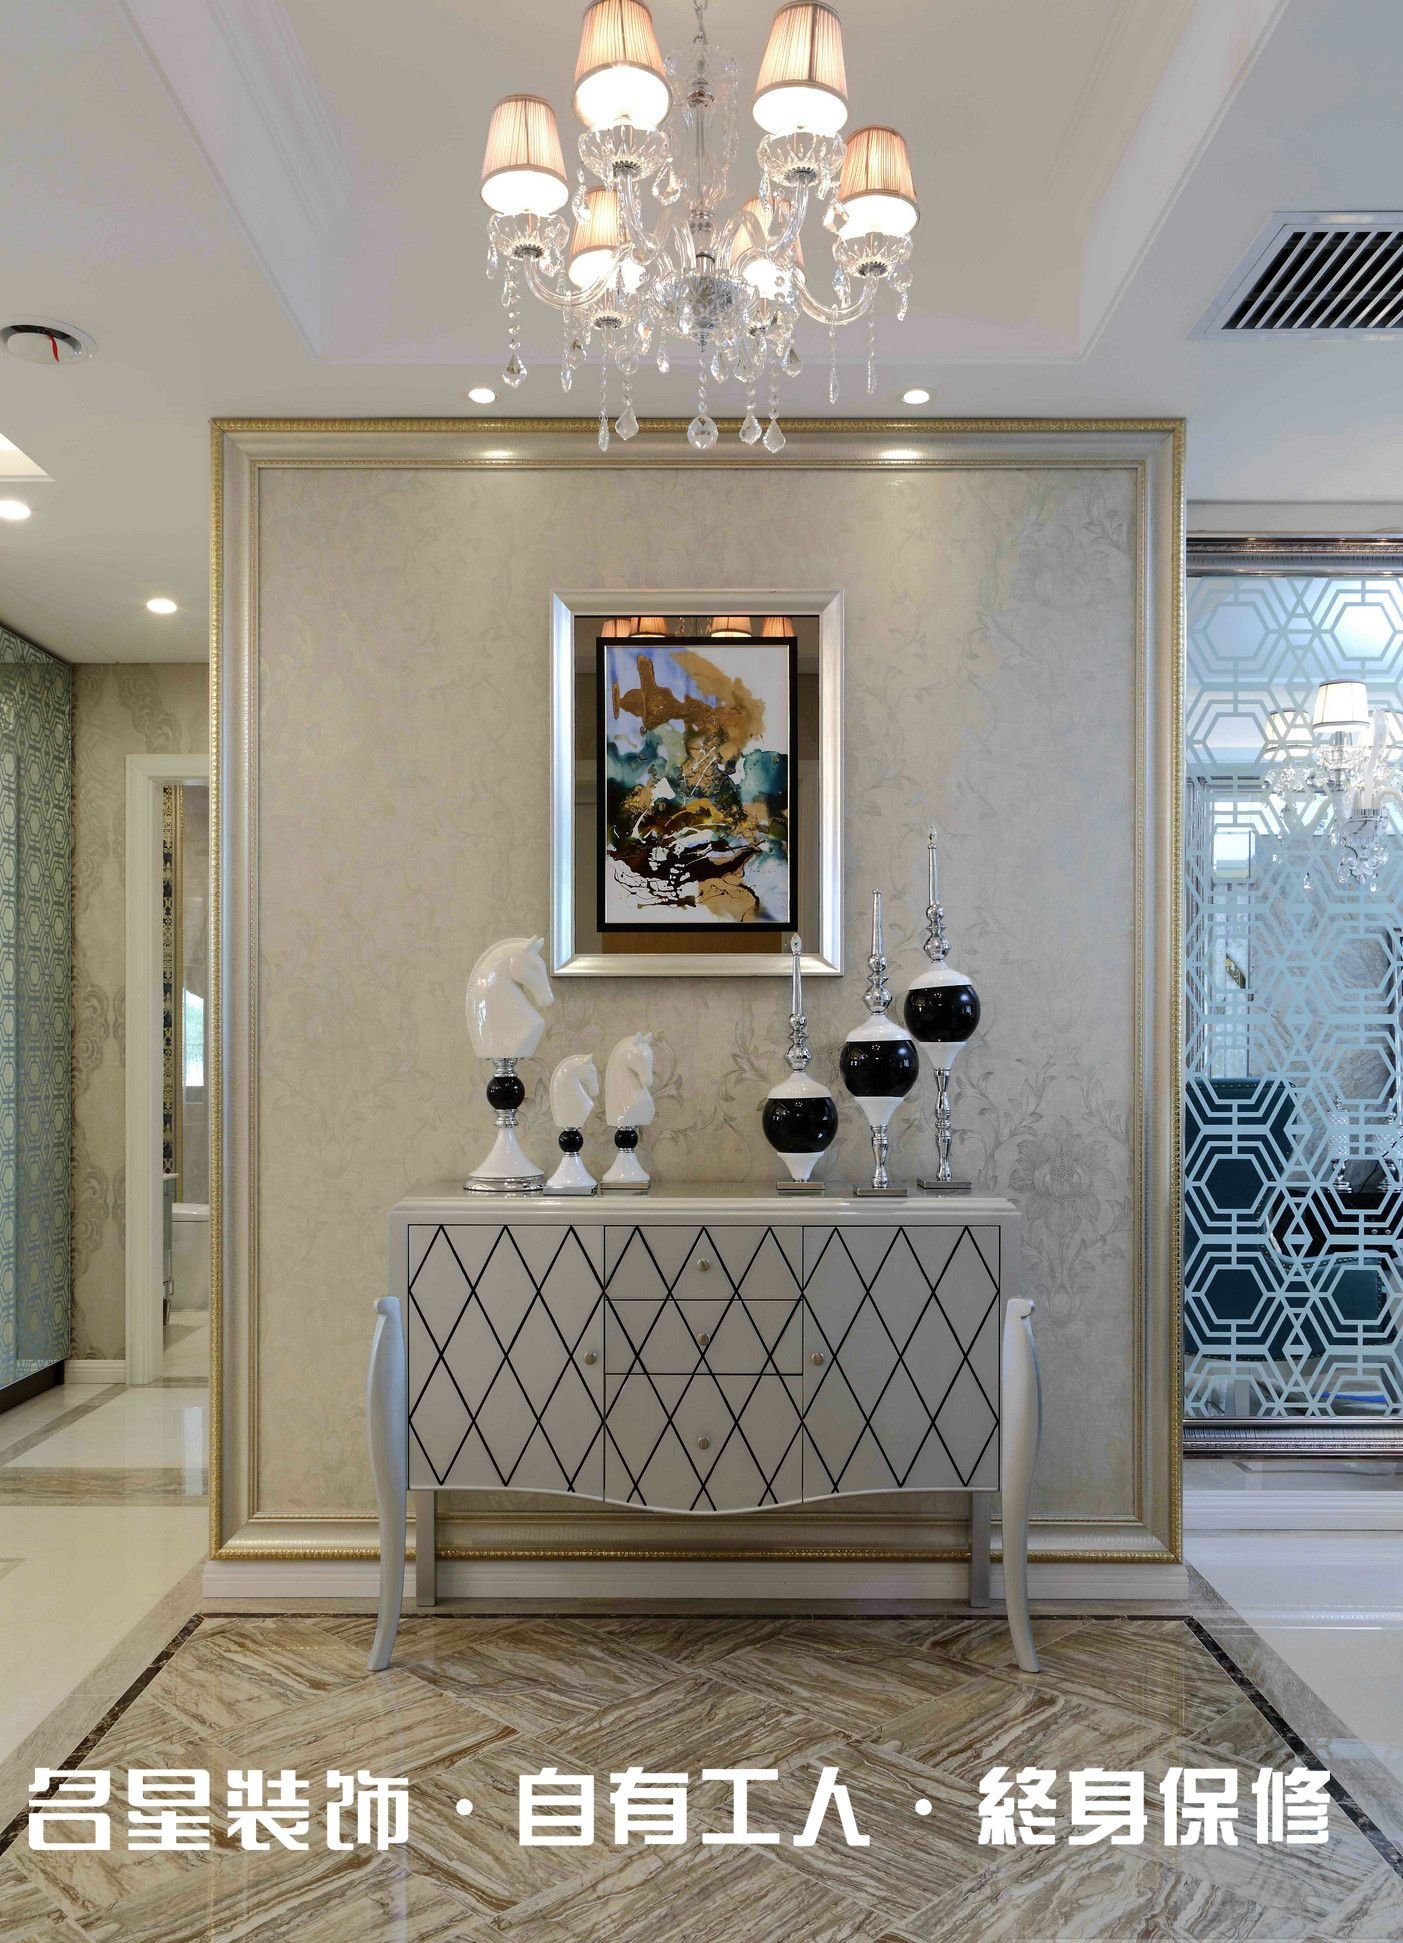 三居 欧式 低奢 玄关图片来自名星装饰在复地东湖国际的分享